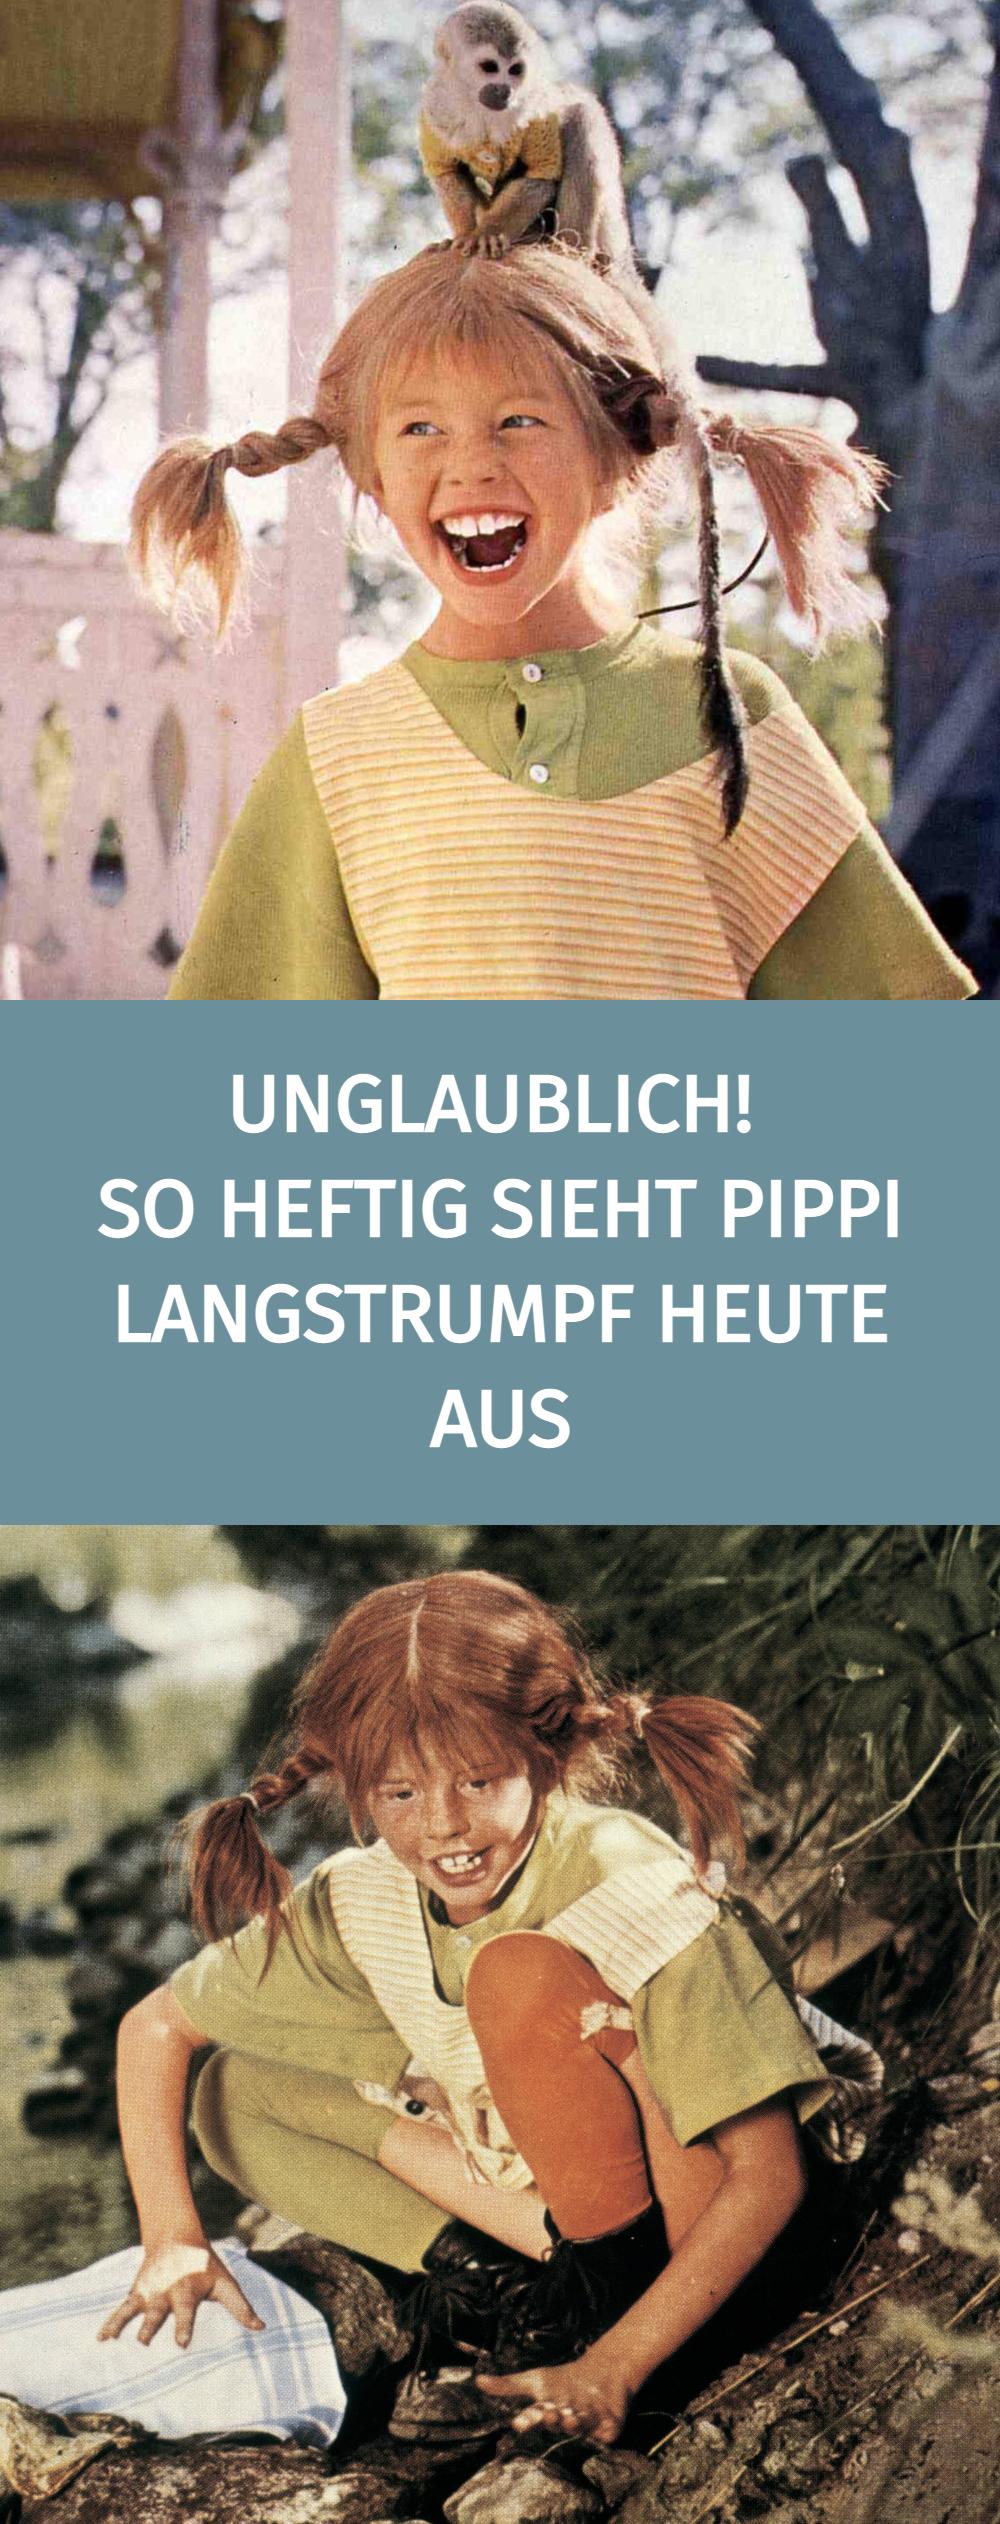 Pippi Langstrumpf Steht Fur Unabhangigkeit Und Starke Kein Wunder Dass Die Figur Erschaffen Von Schriftstellerin Astrid Lindgre In 2021 Promis Schauspielerei Beauty